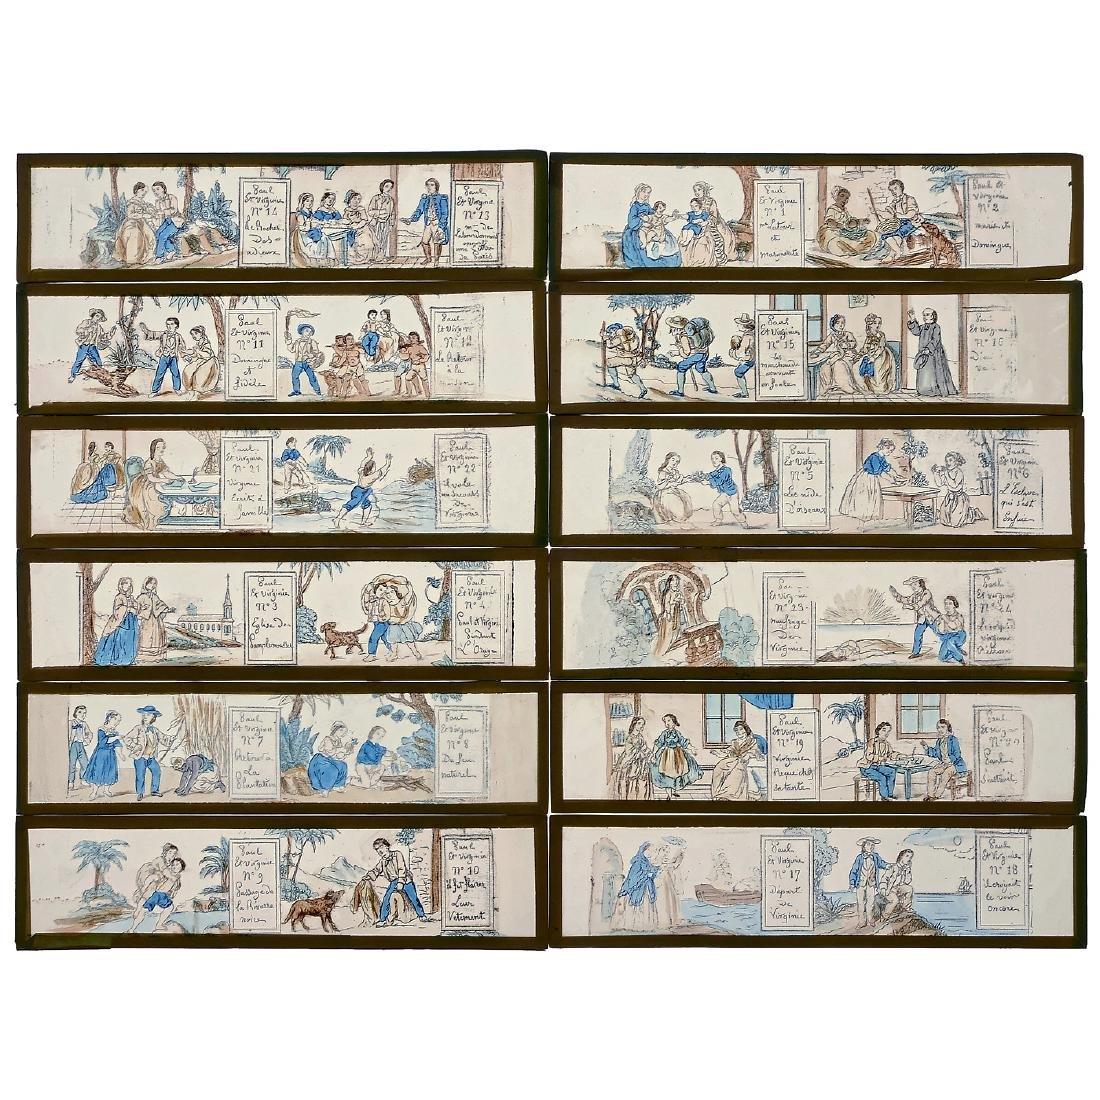 Paul et Virginie, Series of 12 Lantern Slides by